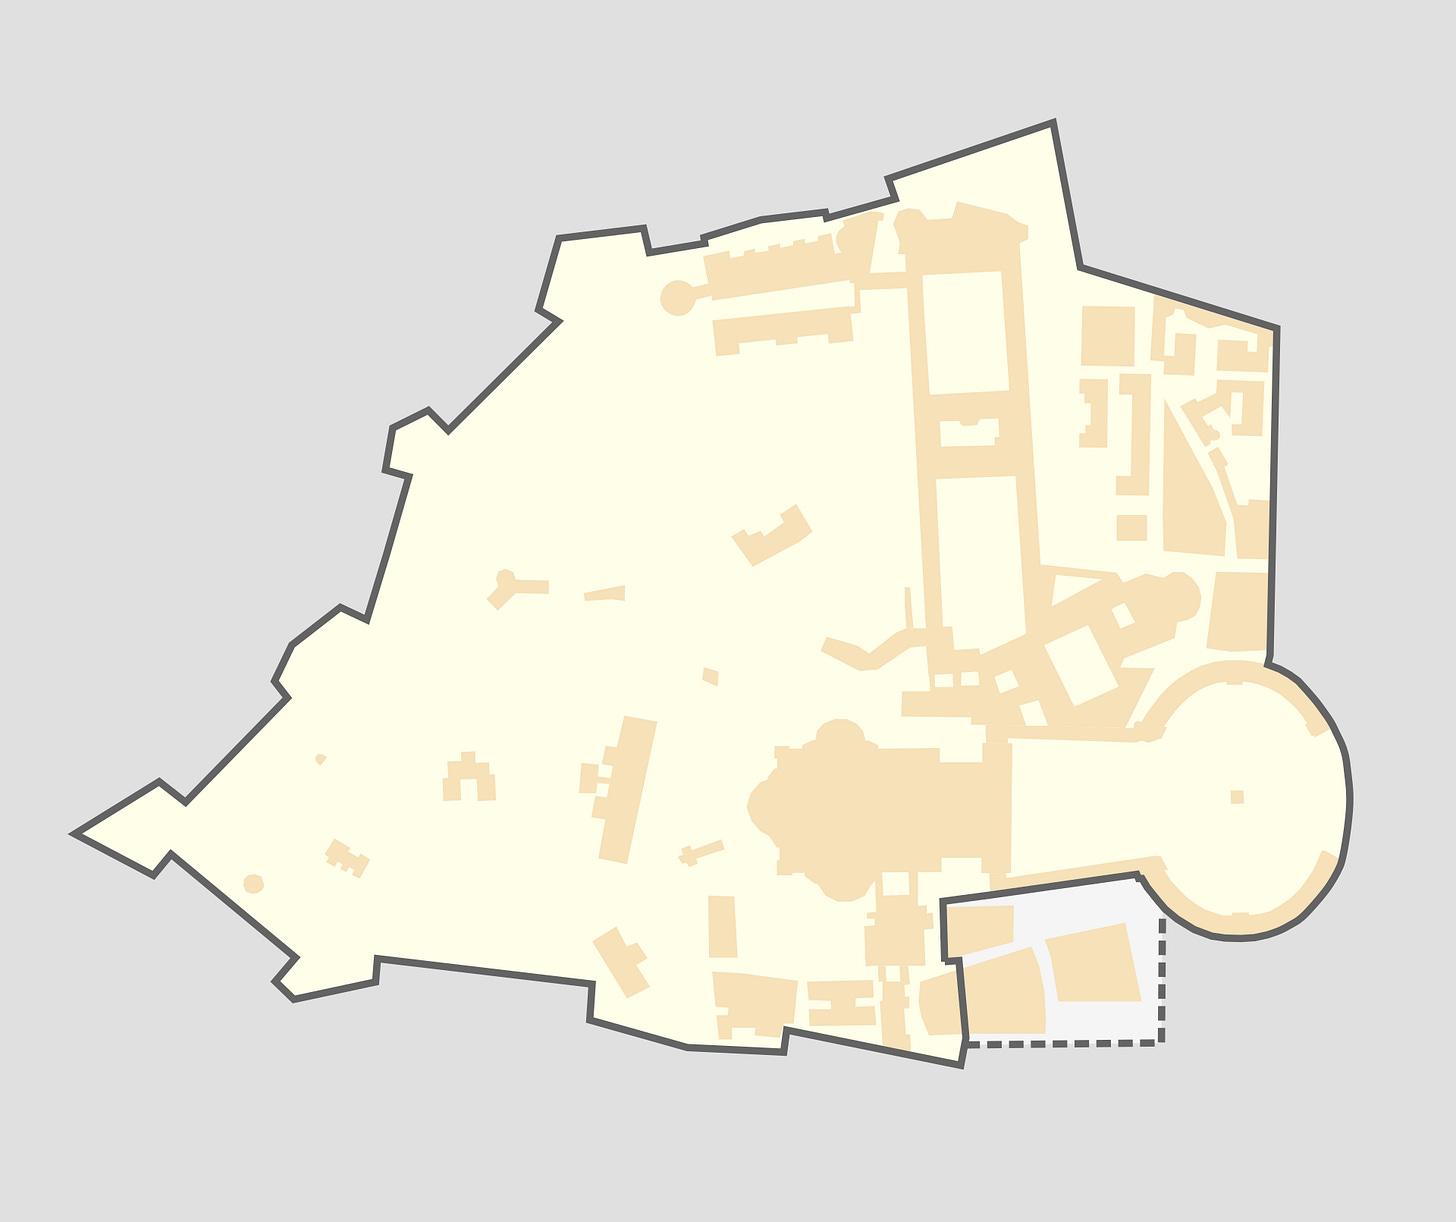 Sant'Anna dei Palafrenieri is located in Vatican City